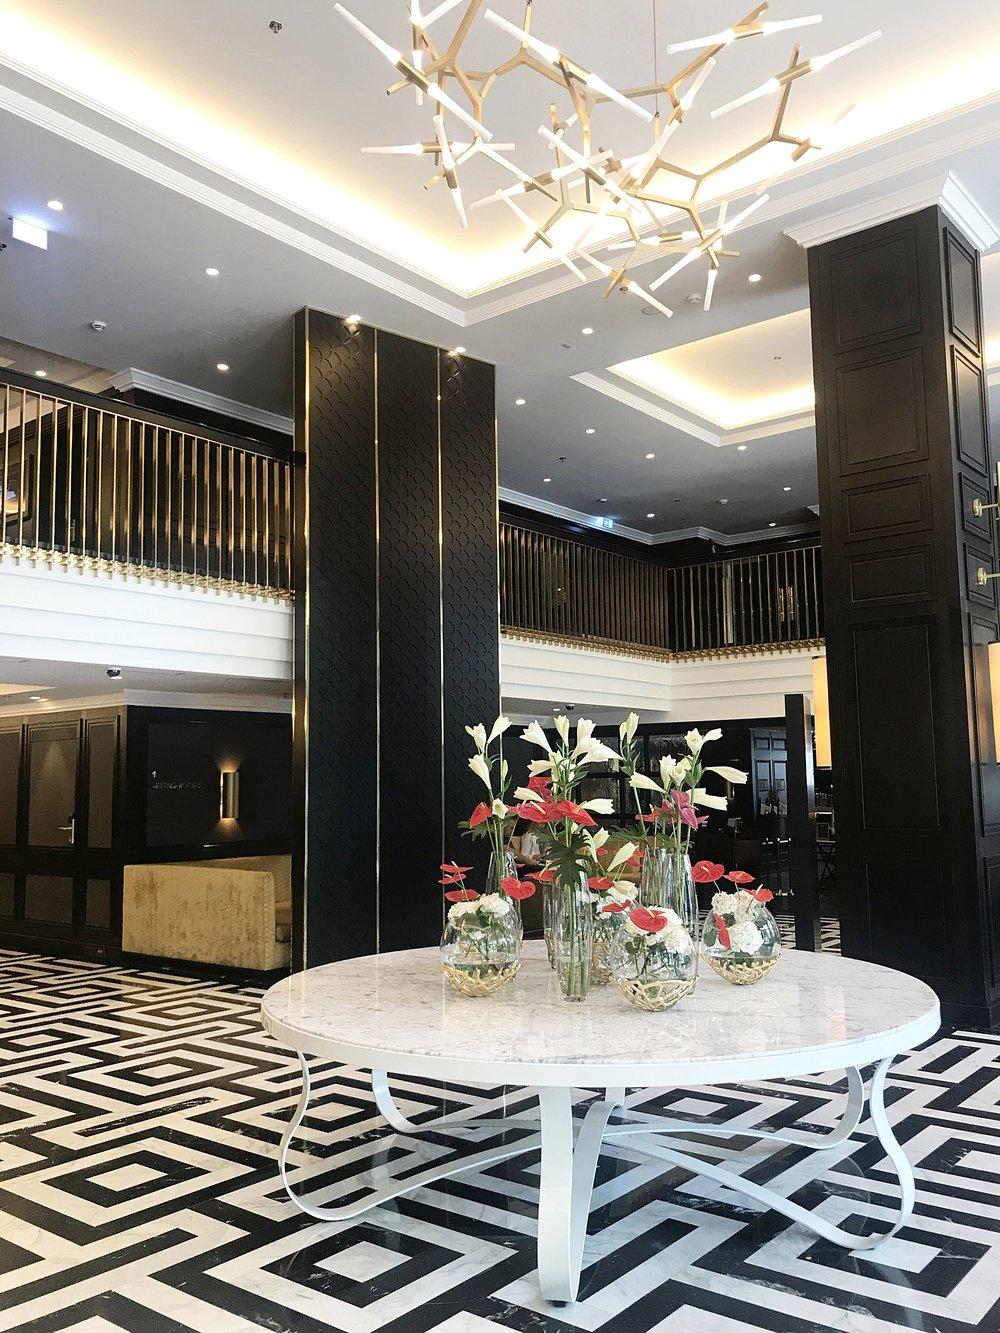 The hotel lobby has a beautiful floor tile design.